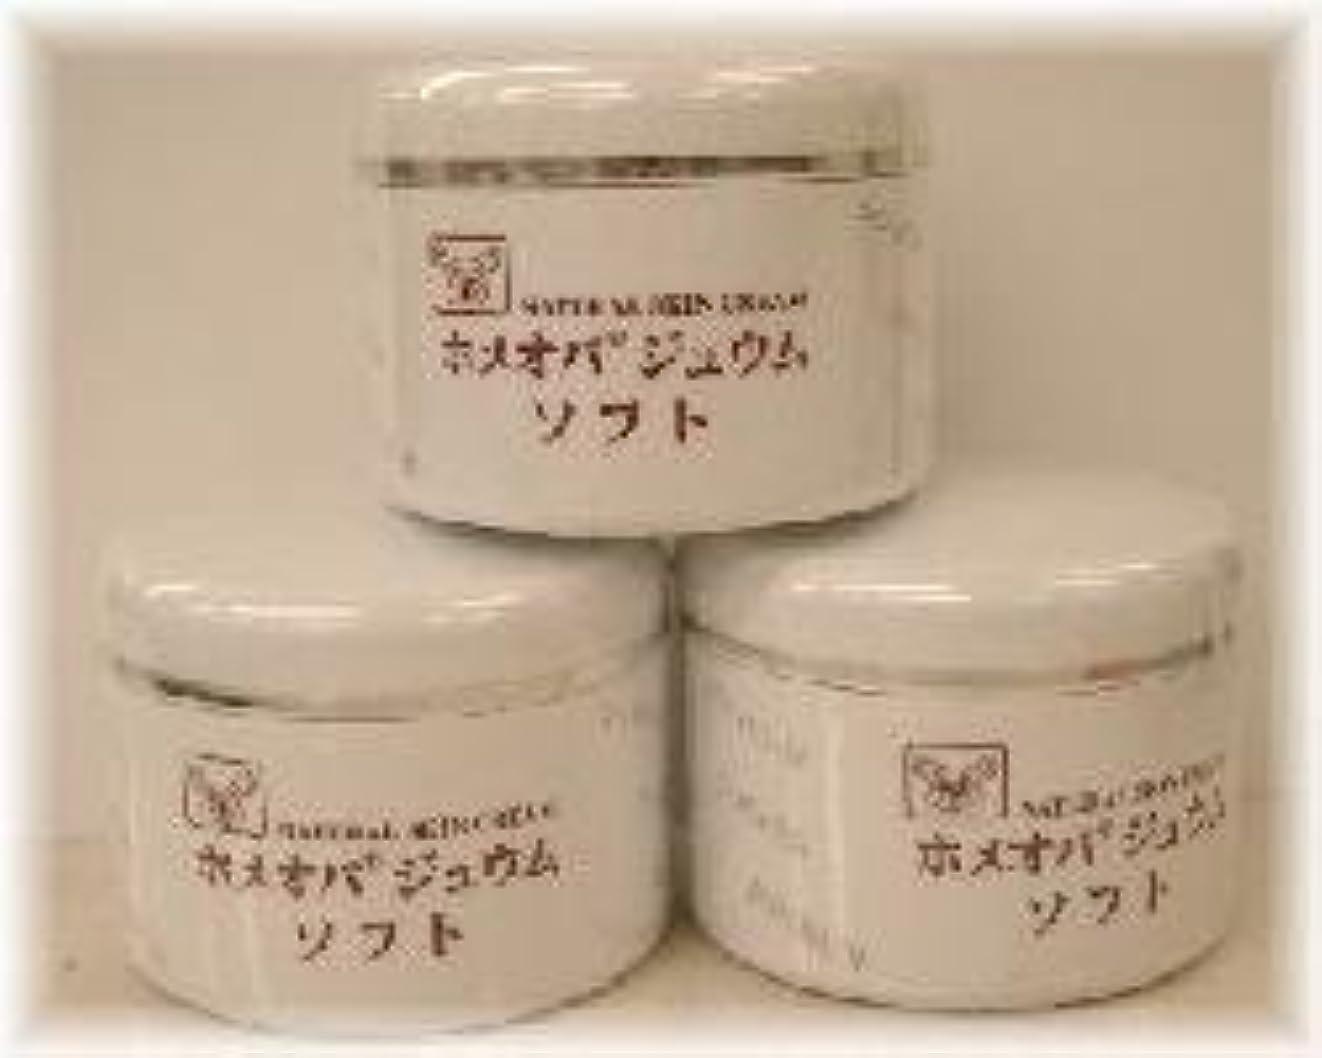 土地化学者挨拶するホメオパジュウム スキンケア商品3点¥10500クリームソフトx3個